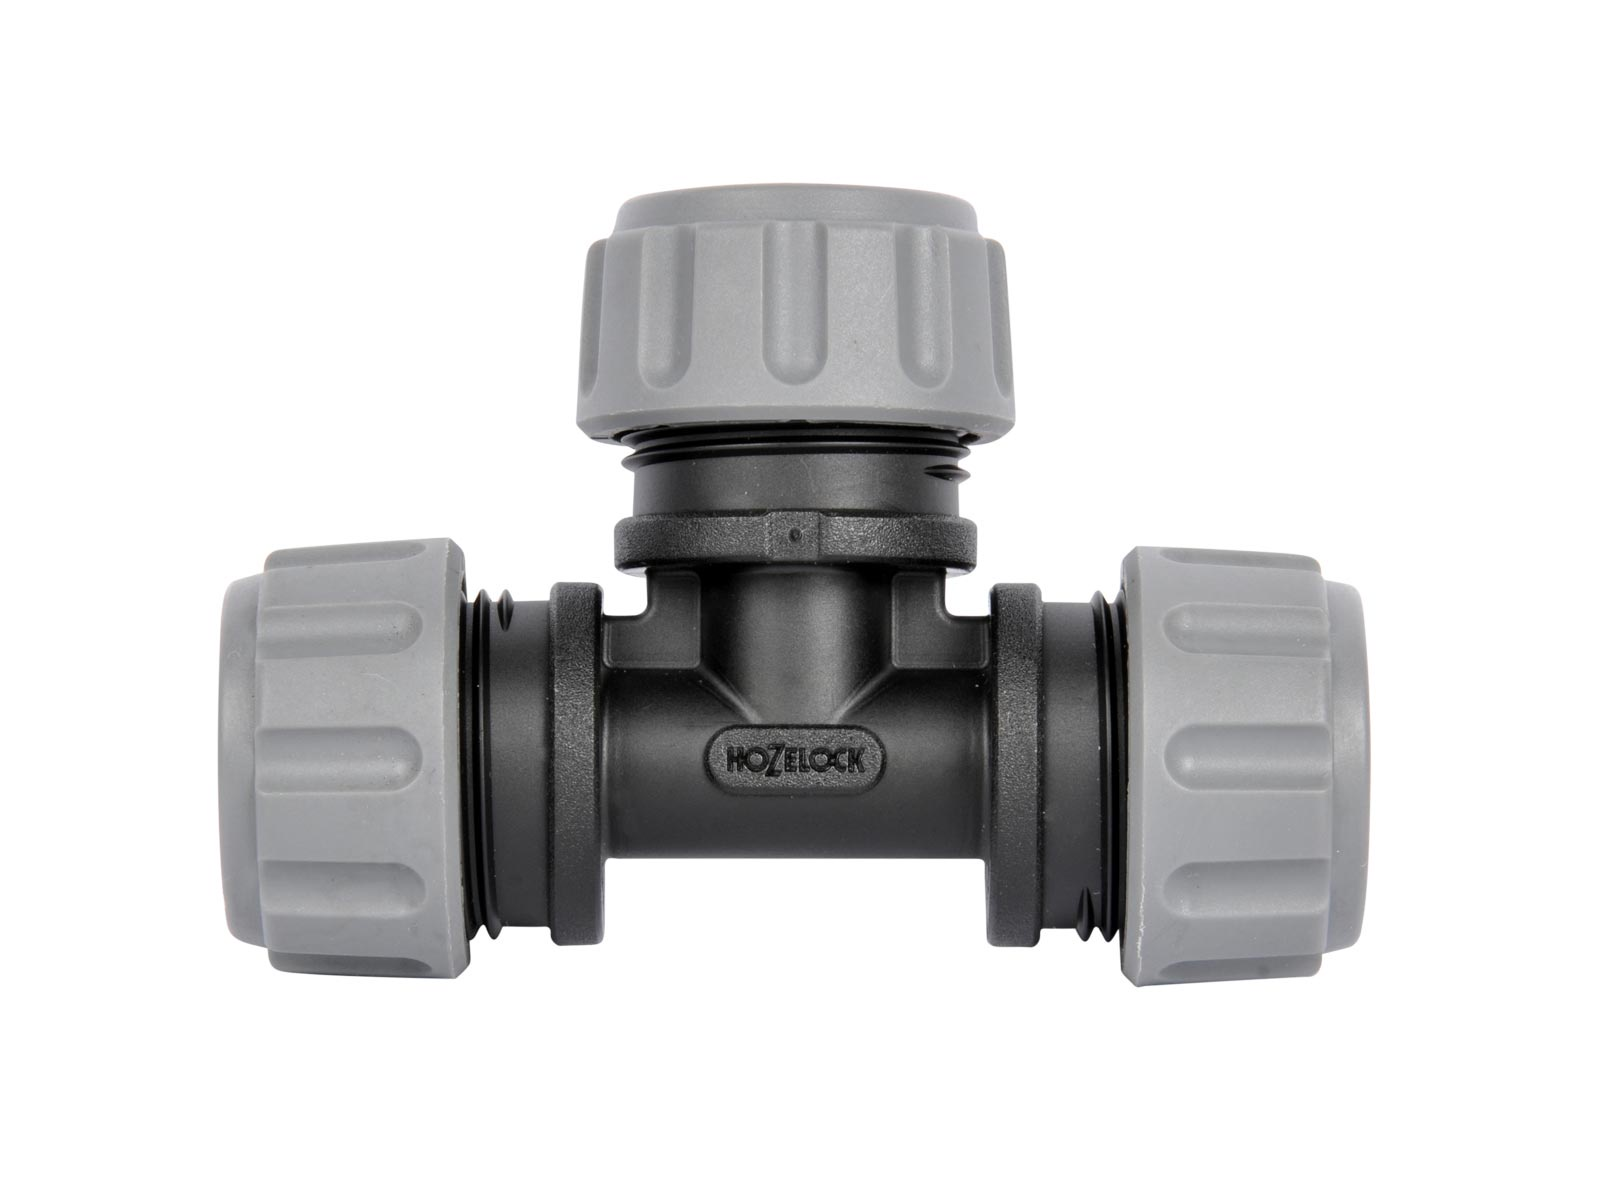 """Система полива Hozelock """"Easy Drip"""" 7018 коннектор Т-образный для автополива, 13 мм, 2 шт., черный, серый"""